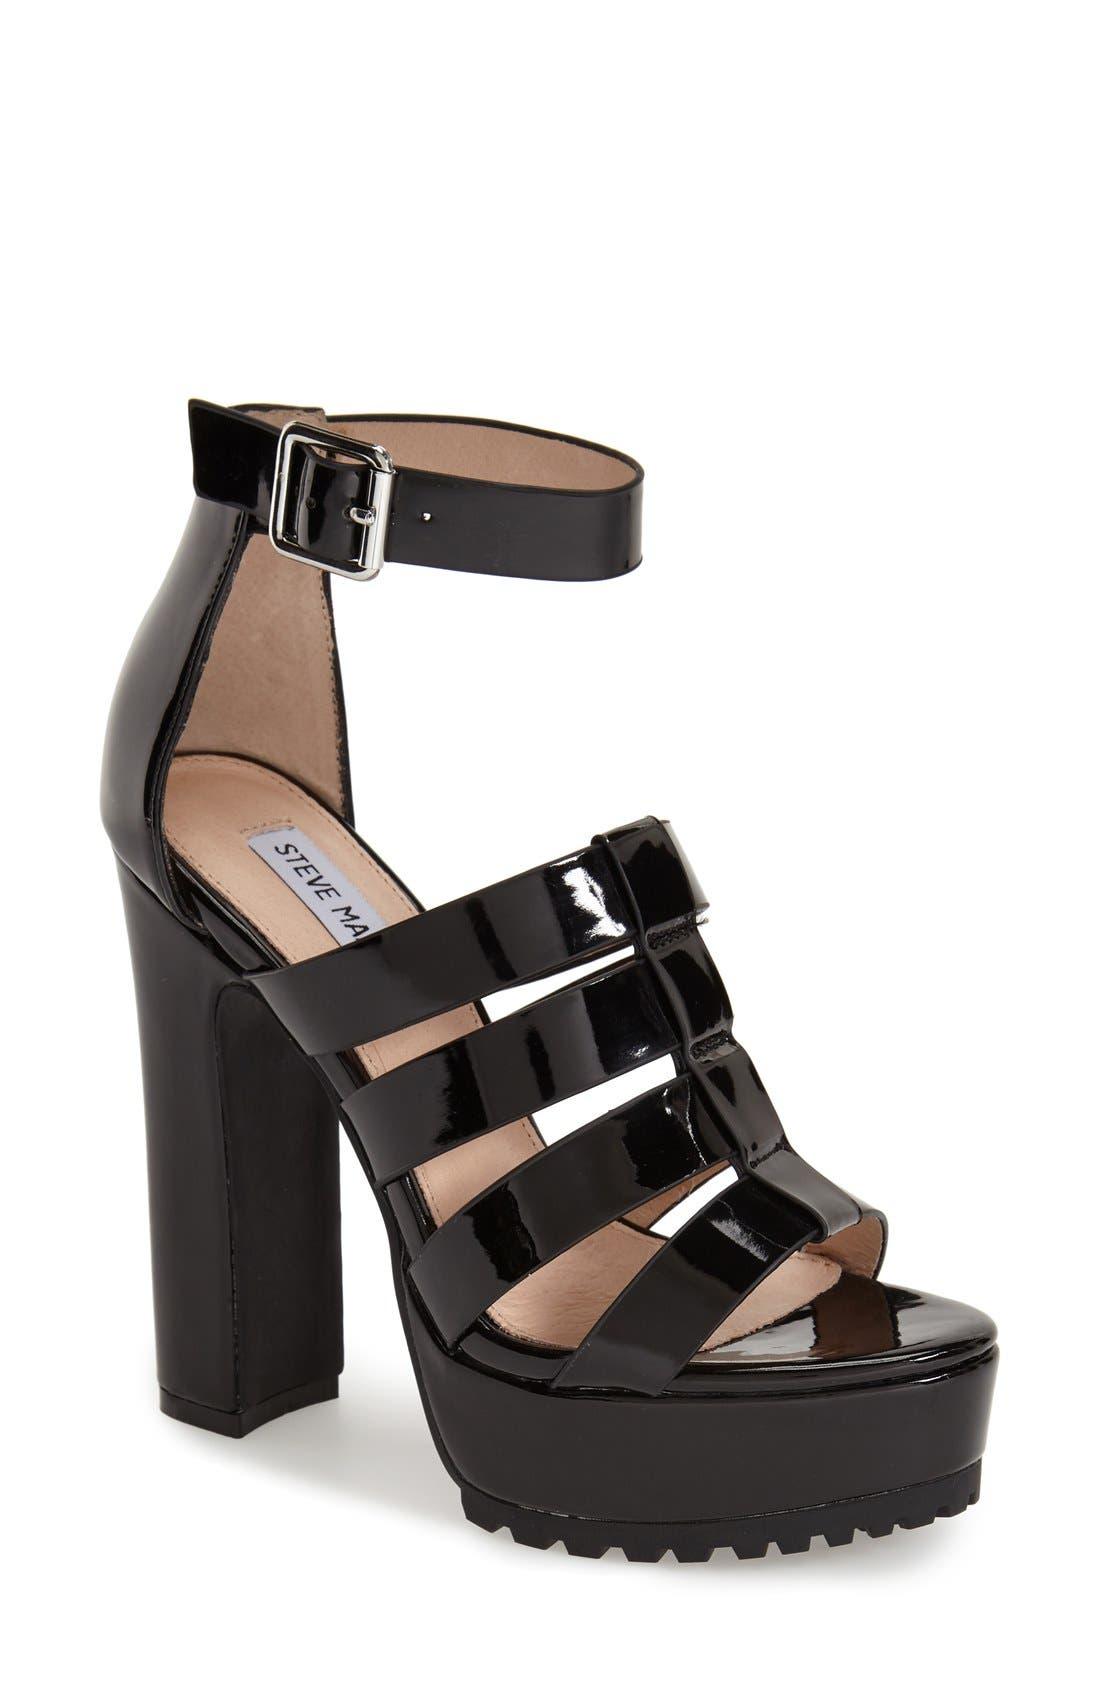 Main Image - Steve Madden 'Groove' Platform Sandal (Women)